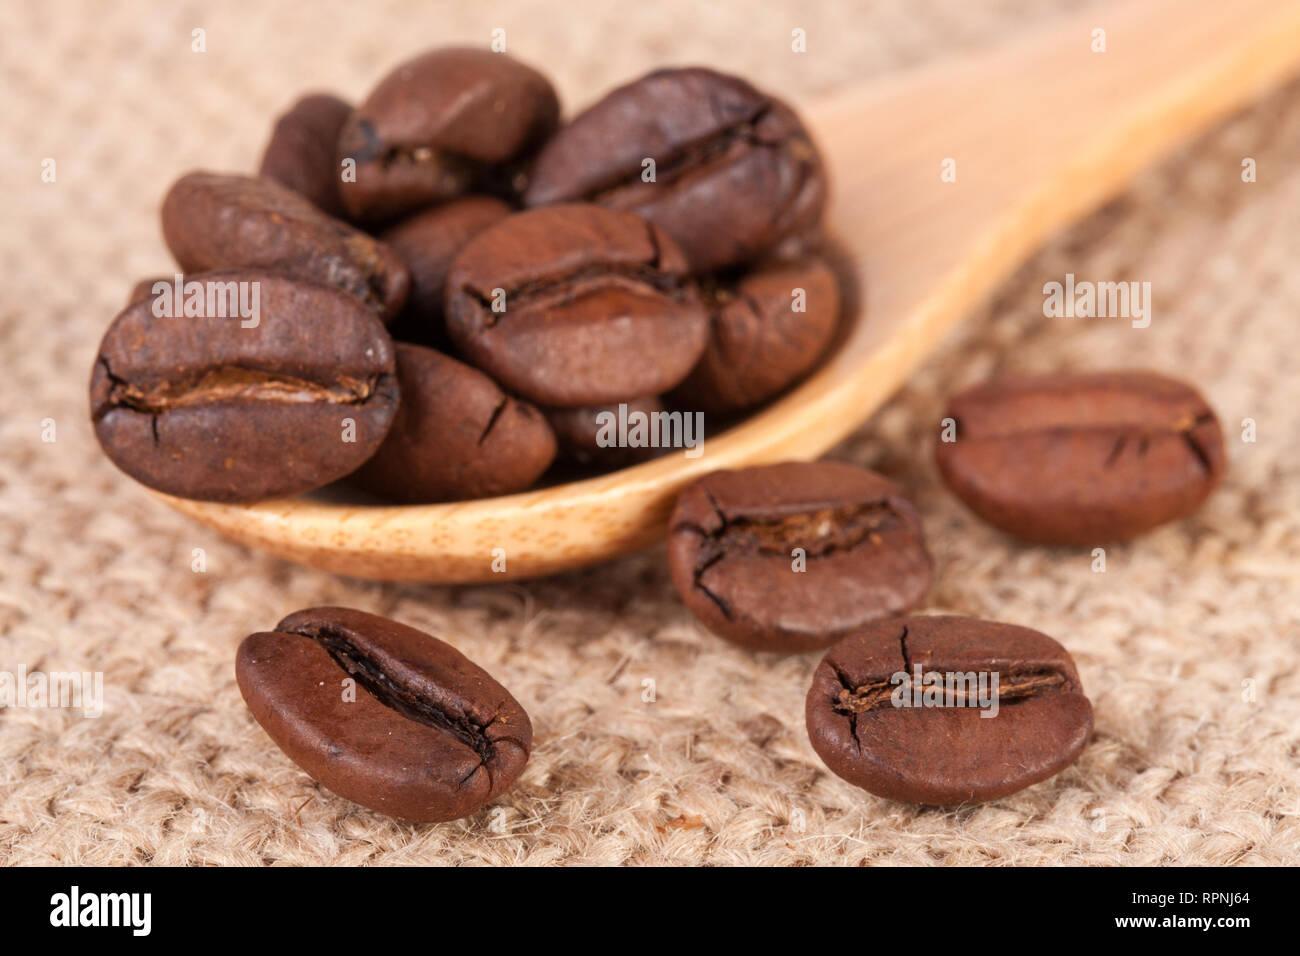 Los granos de café en una cuchara de madera de cilicio Foto de stock